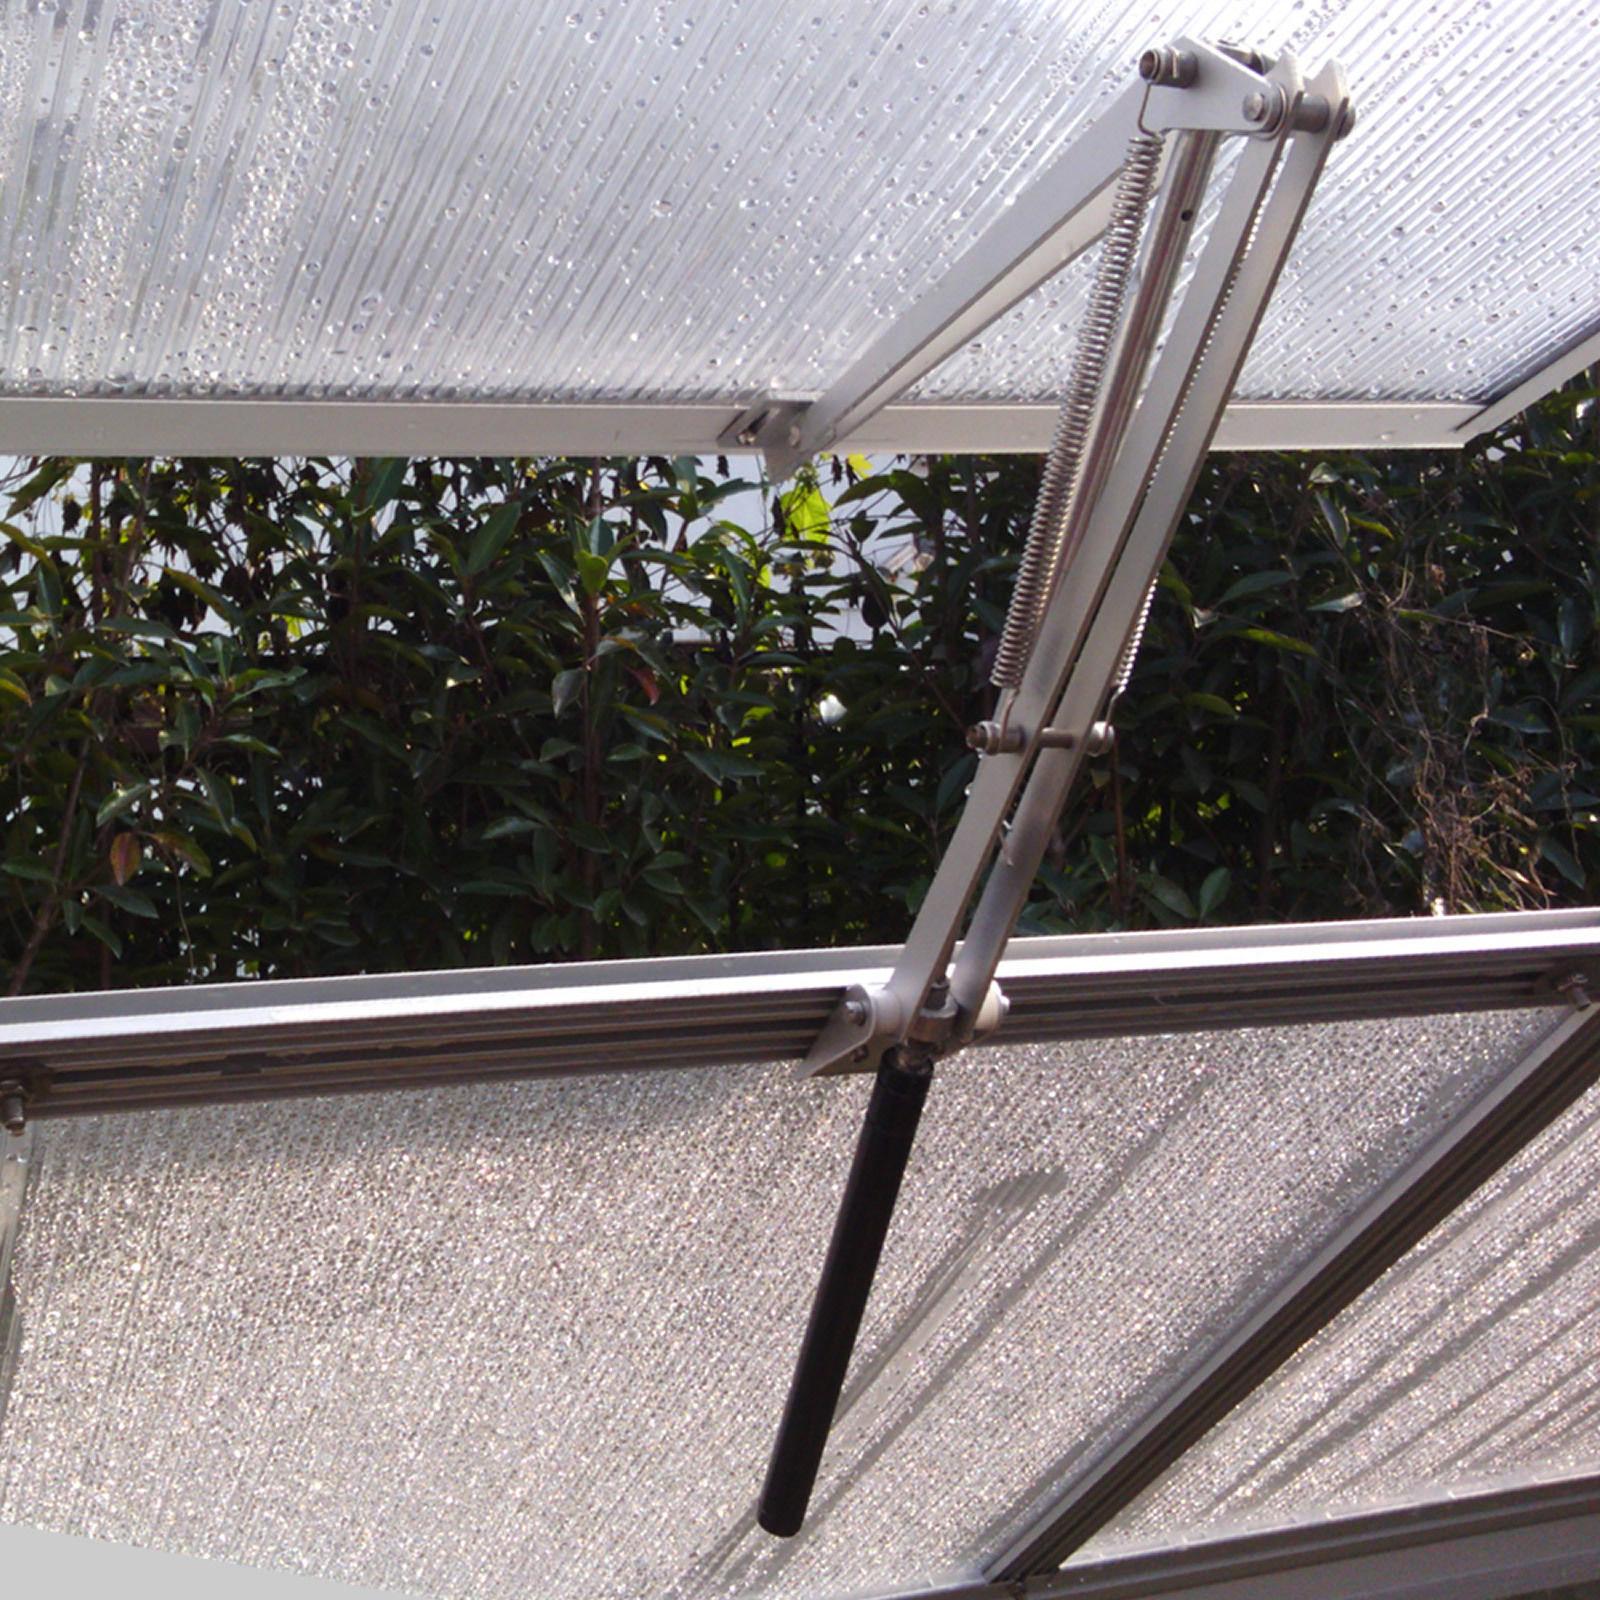 automatischer fenster ffner ersatz zylinder f r gew chshaus autovent solar ebay. Black Bedroom Furniture Sets. Home Design Ideas